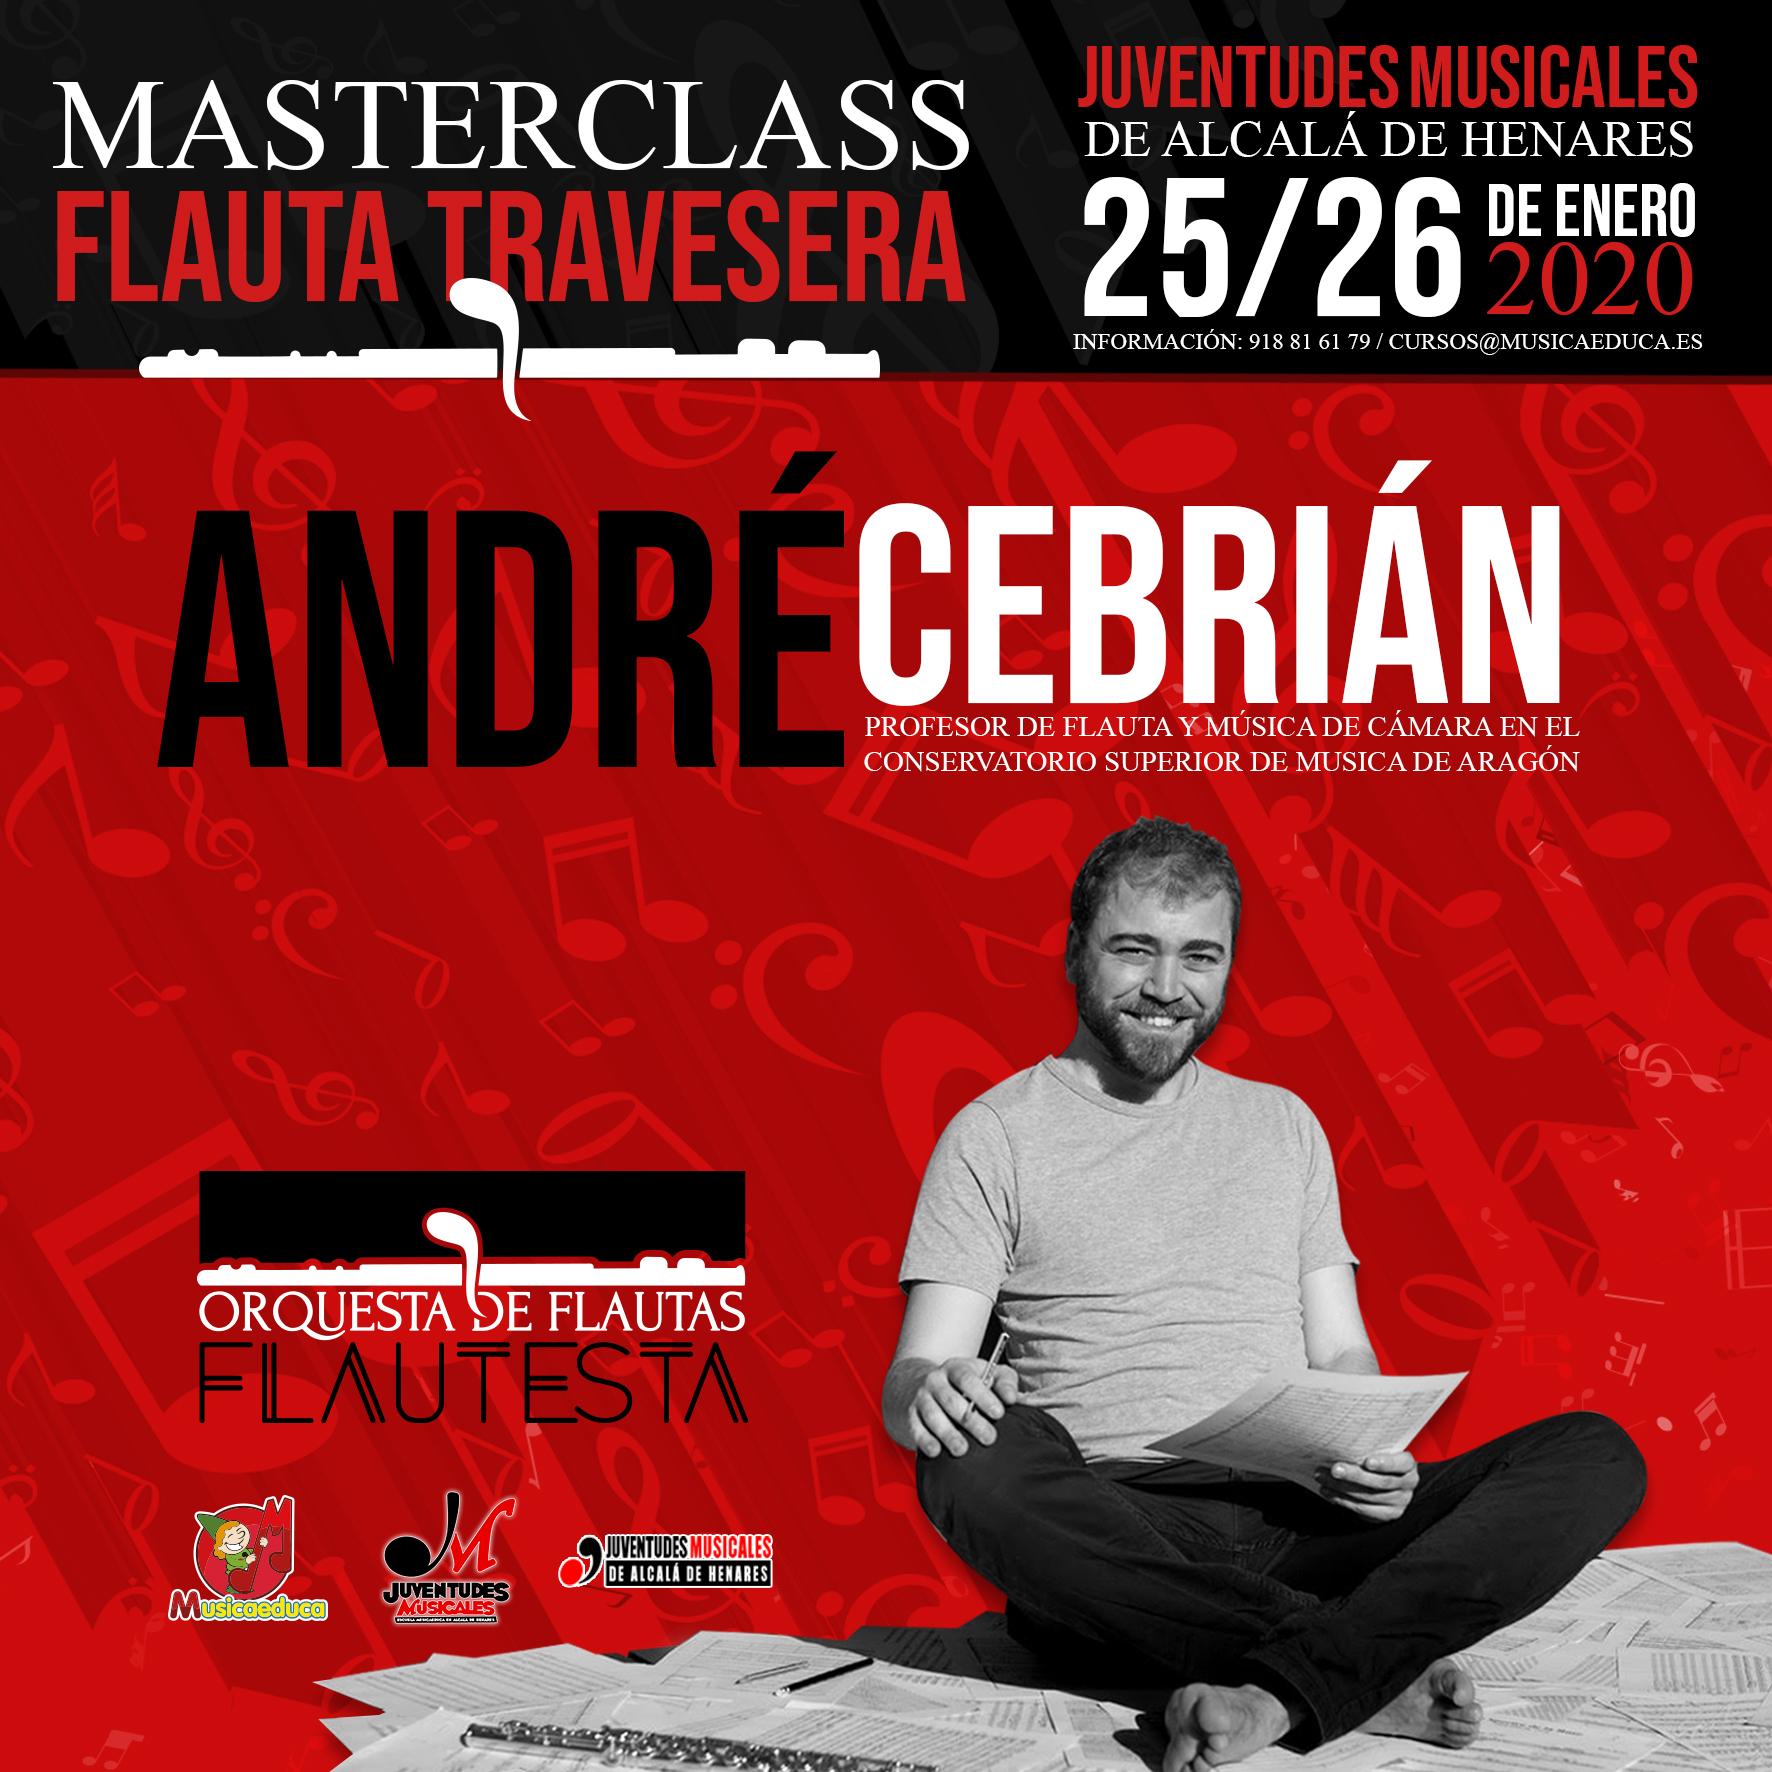 masterclass andre cebrian